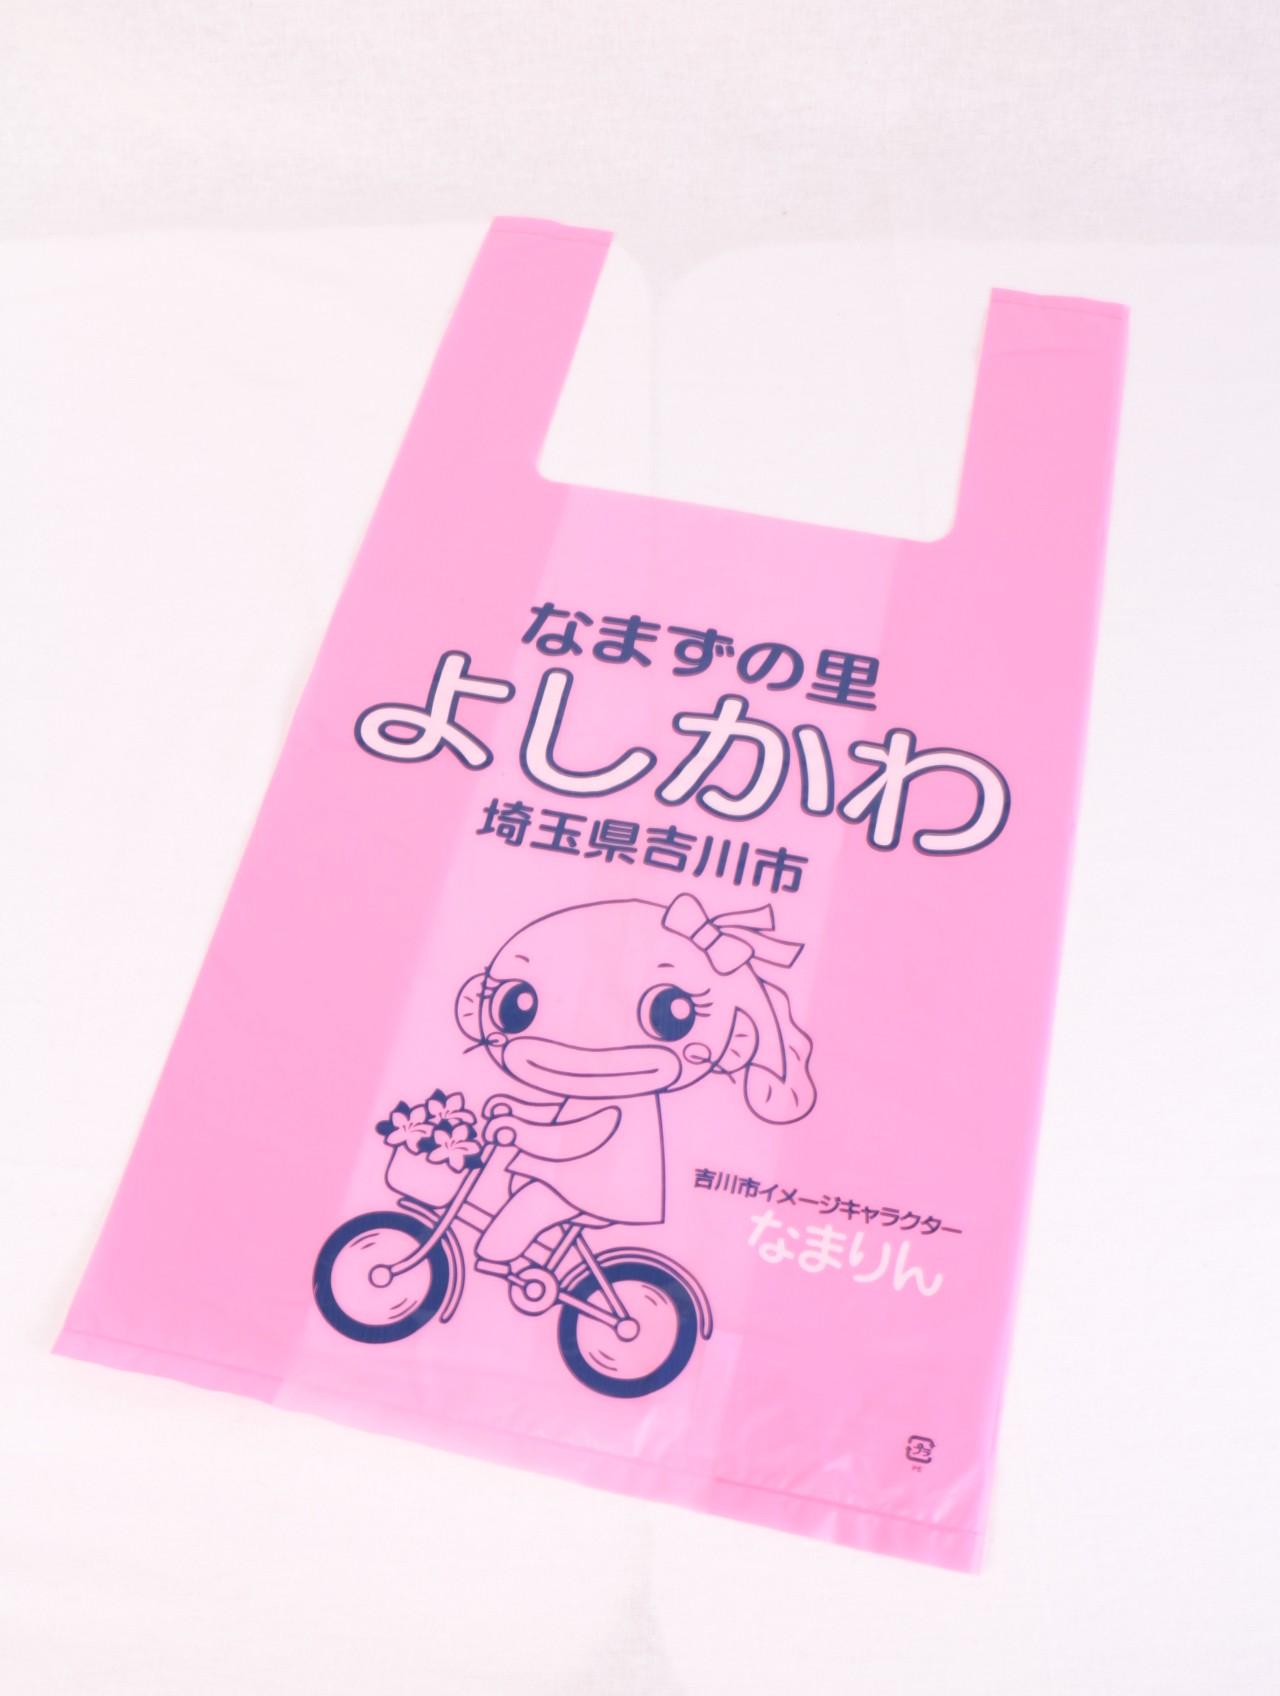 野菜市場のキャラクターイラスト入りビニール袋